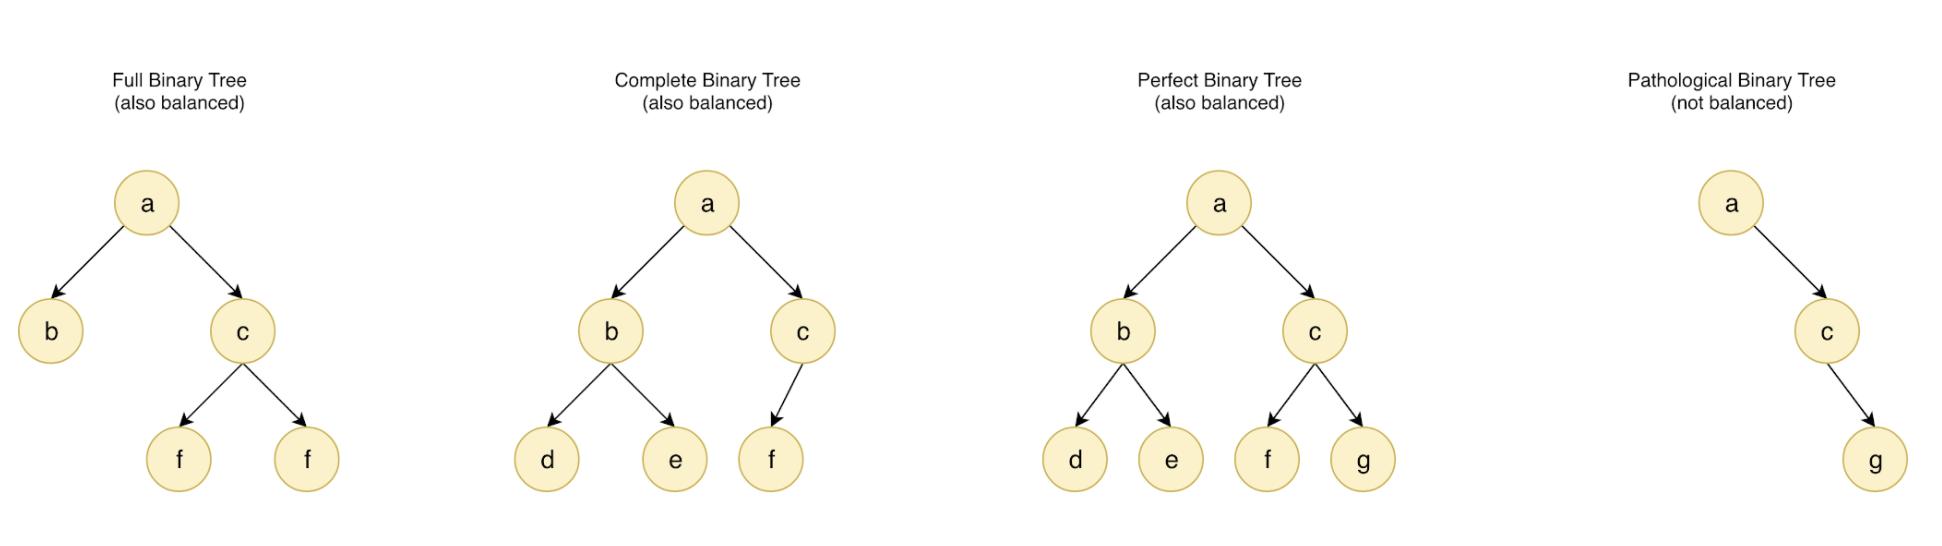 Tipos de árboles binarios